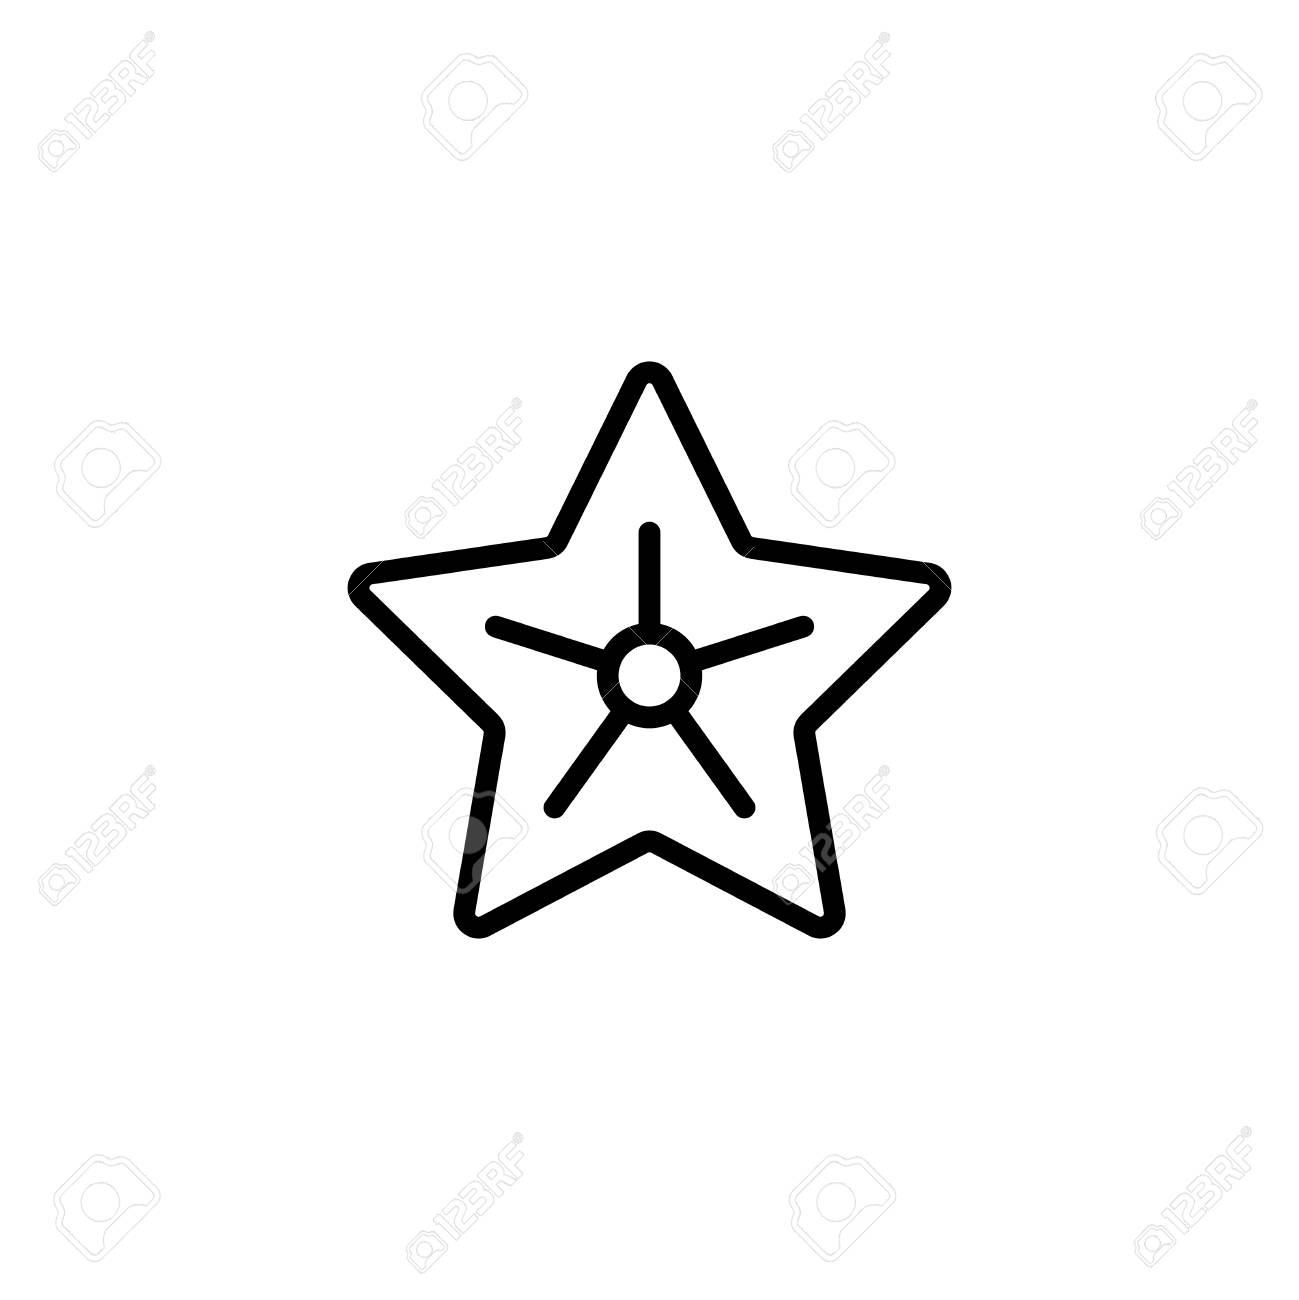 Icône Plate étoile De Mer Symbole Du Plan De Haute Qualité Unique De Lété Pour La Conception De Sites Web Ou Une Application Mobile Signes De Ligne